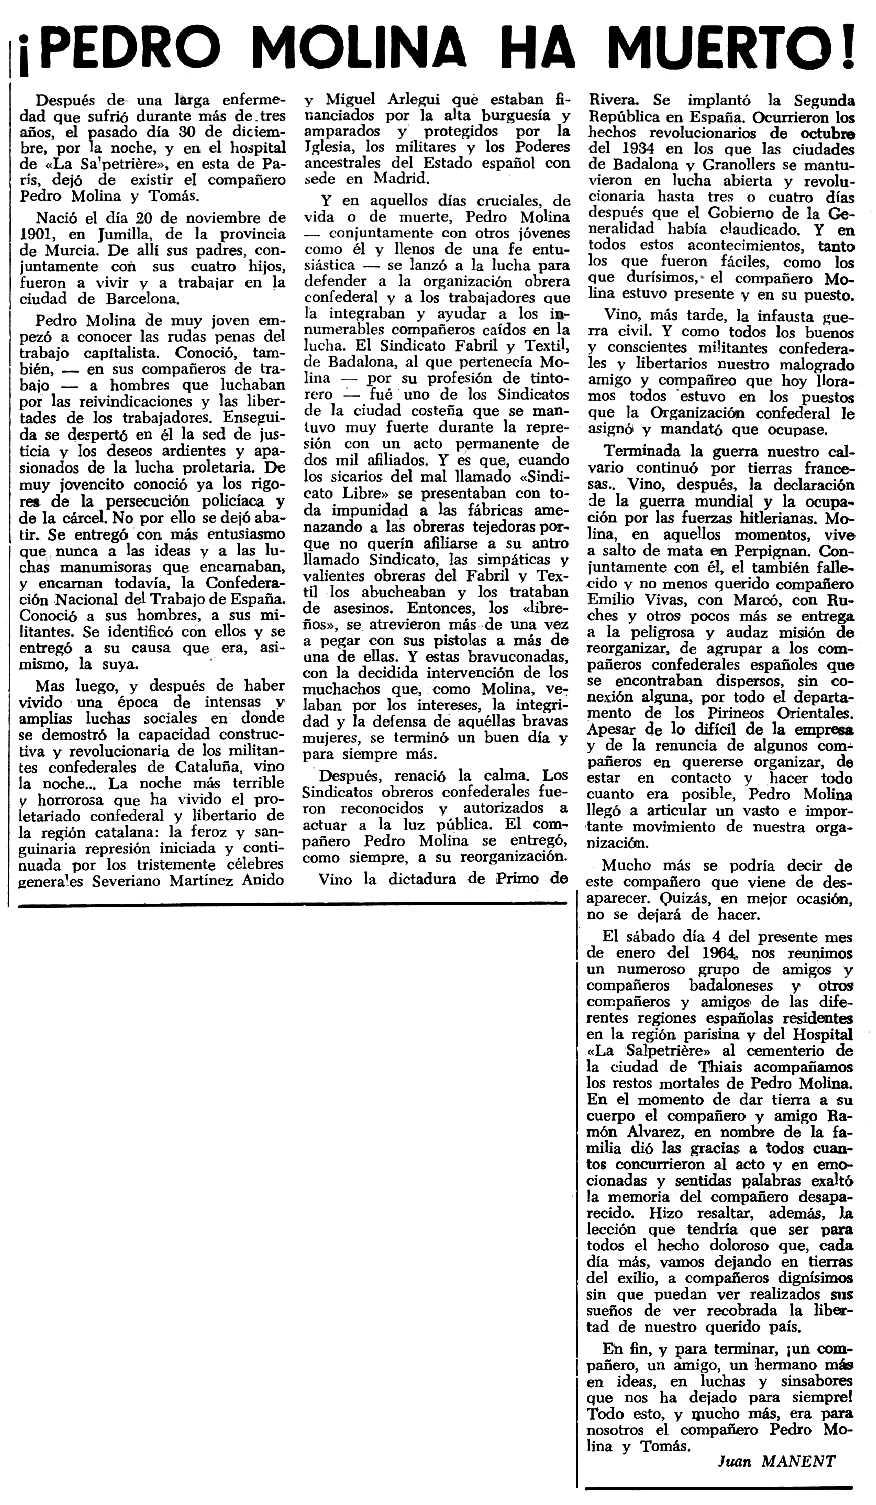 """Necrològica de Pedro Molina Tomás apareguda en el periòdic tolosà """"Espoir"""" del 2 de febrer de 1964"""